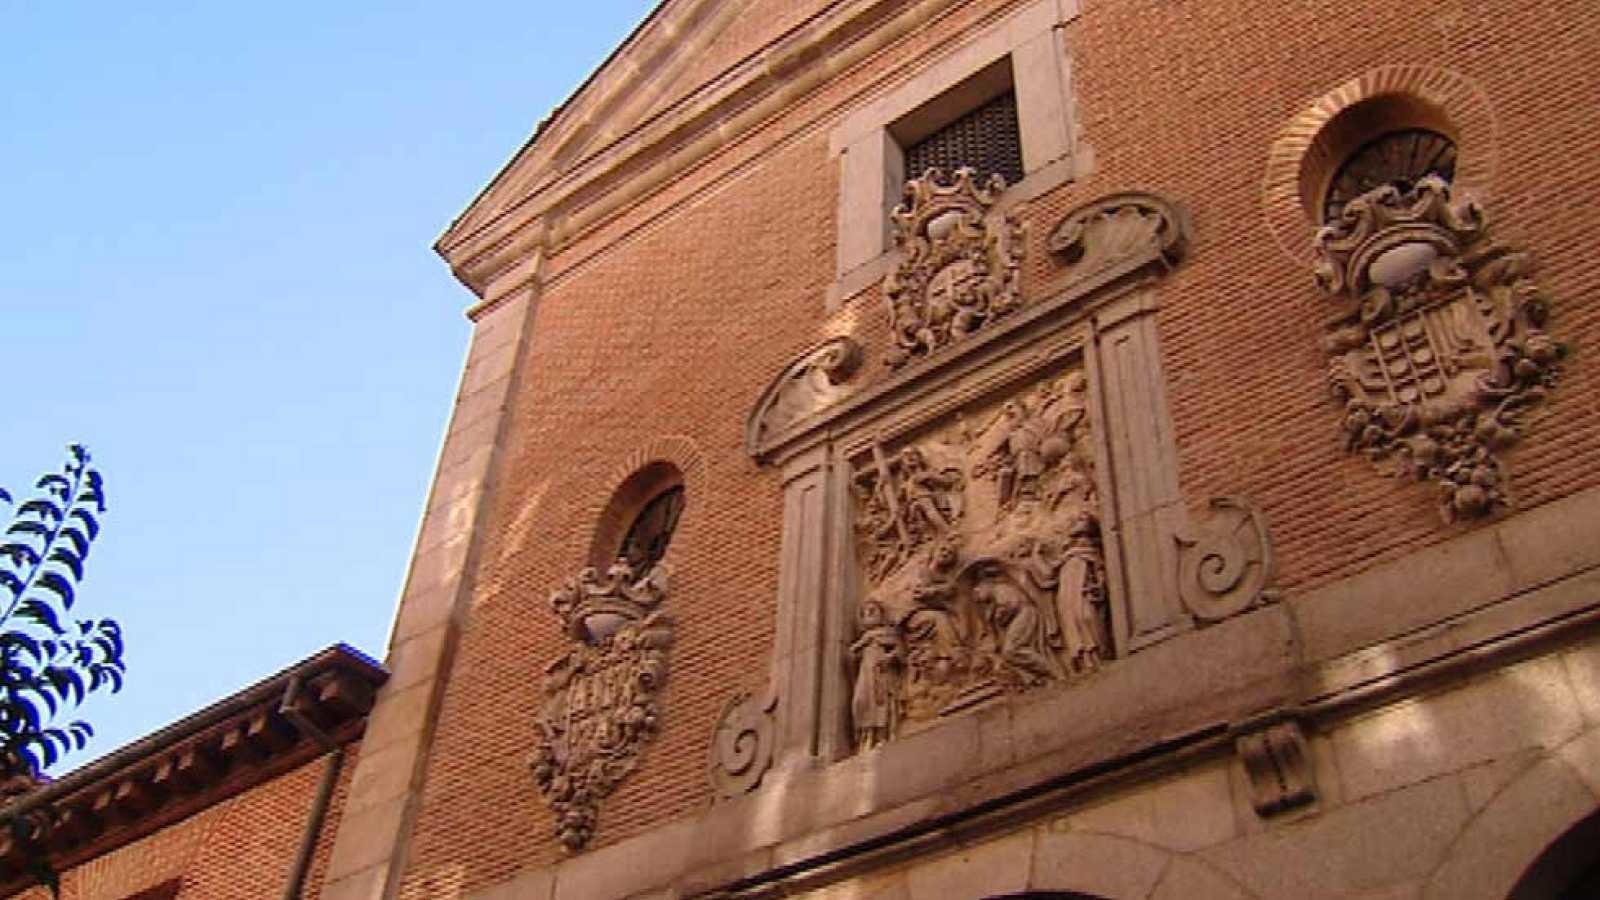 Reanudan la búsqueda de los restos de Cervantes en las Trinitarias ...